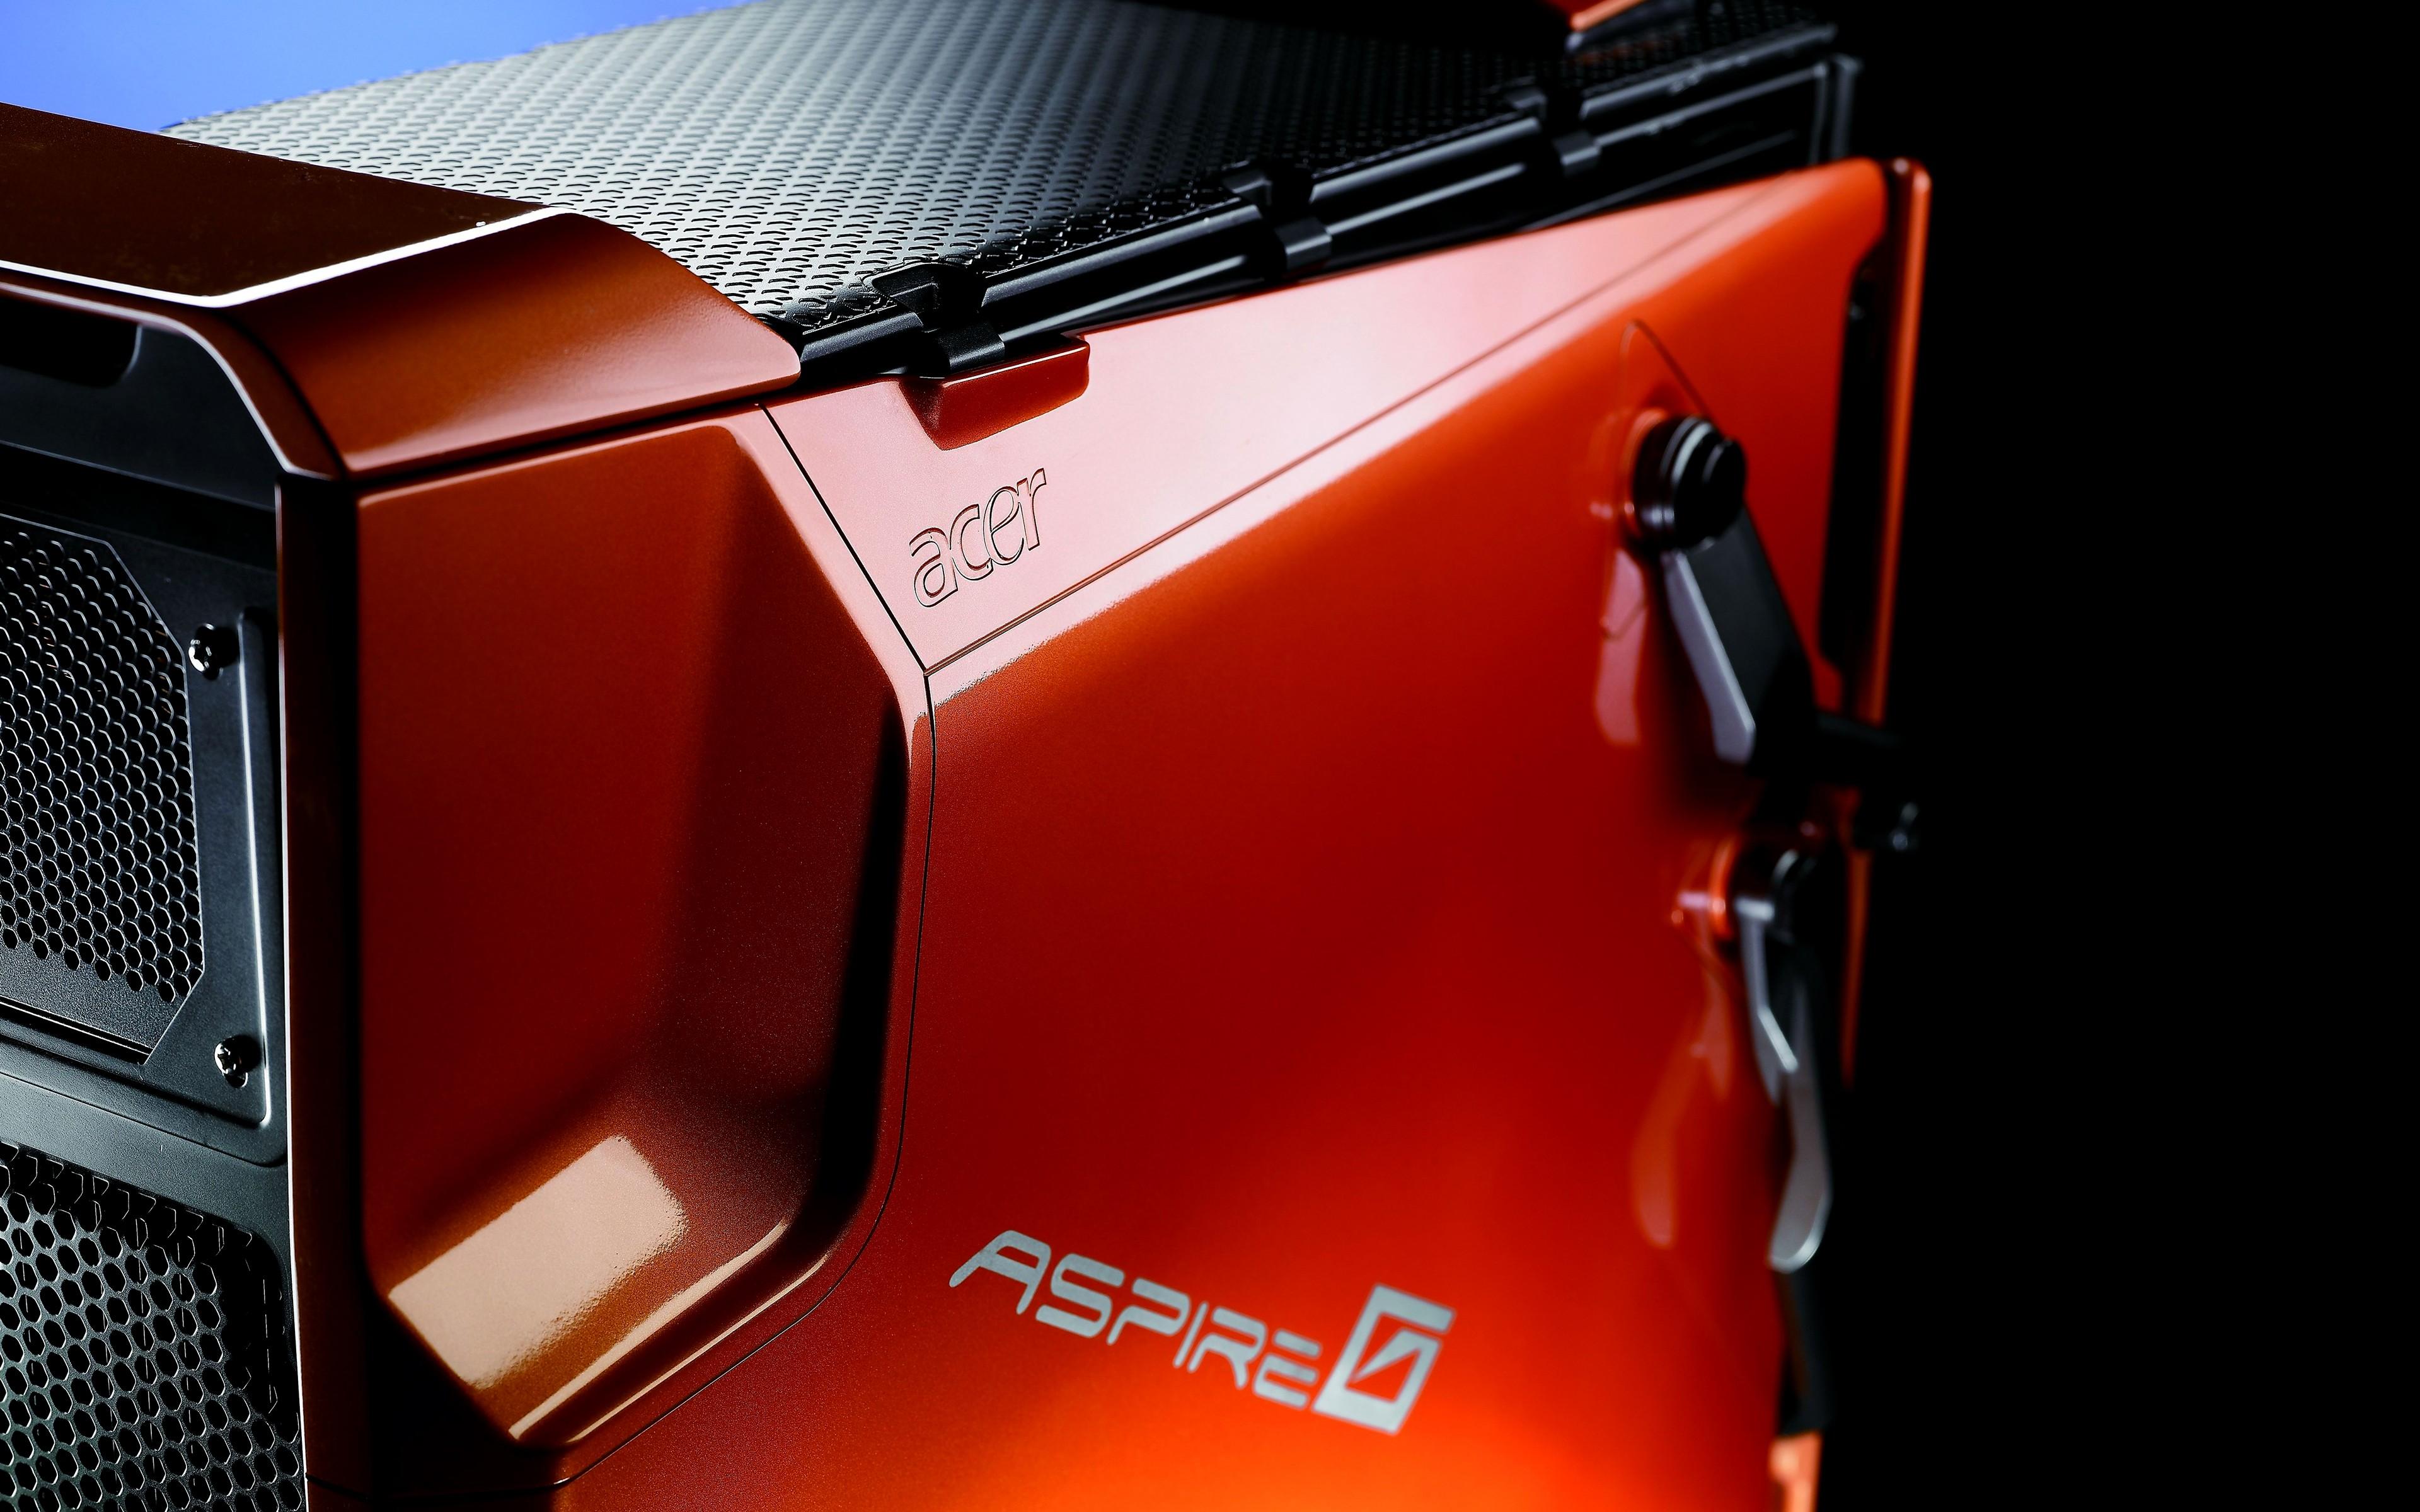 Fond D Ecran Rouge Ordinateur La Technologie Jeux Pc Laser Cas Pc Materiel Acer 3840x2400 Pc7 74772 Fond D Ecran Wallhere